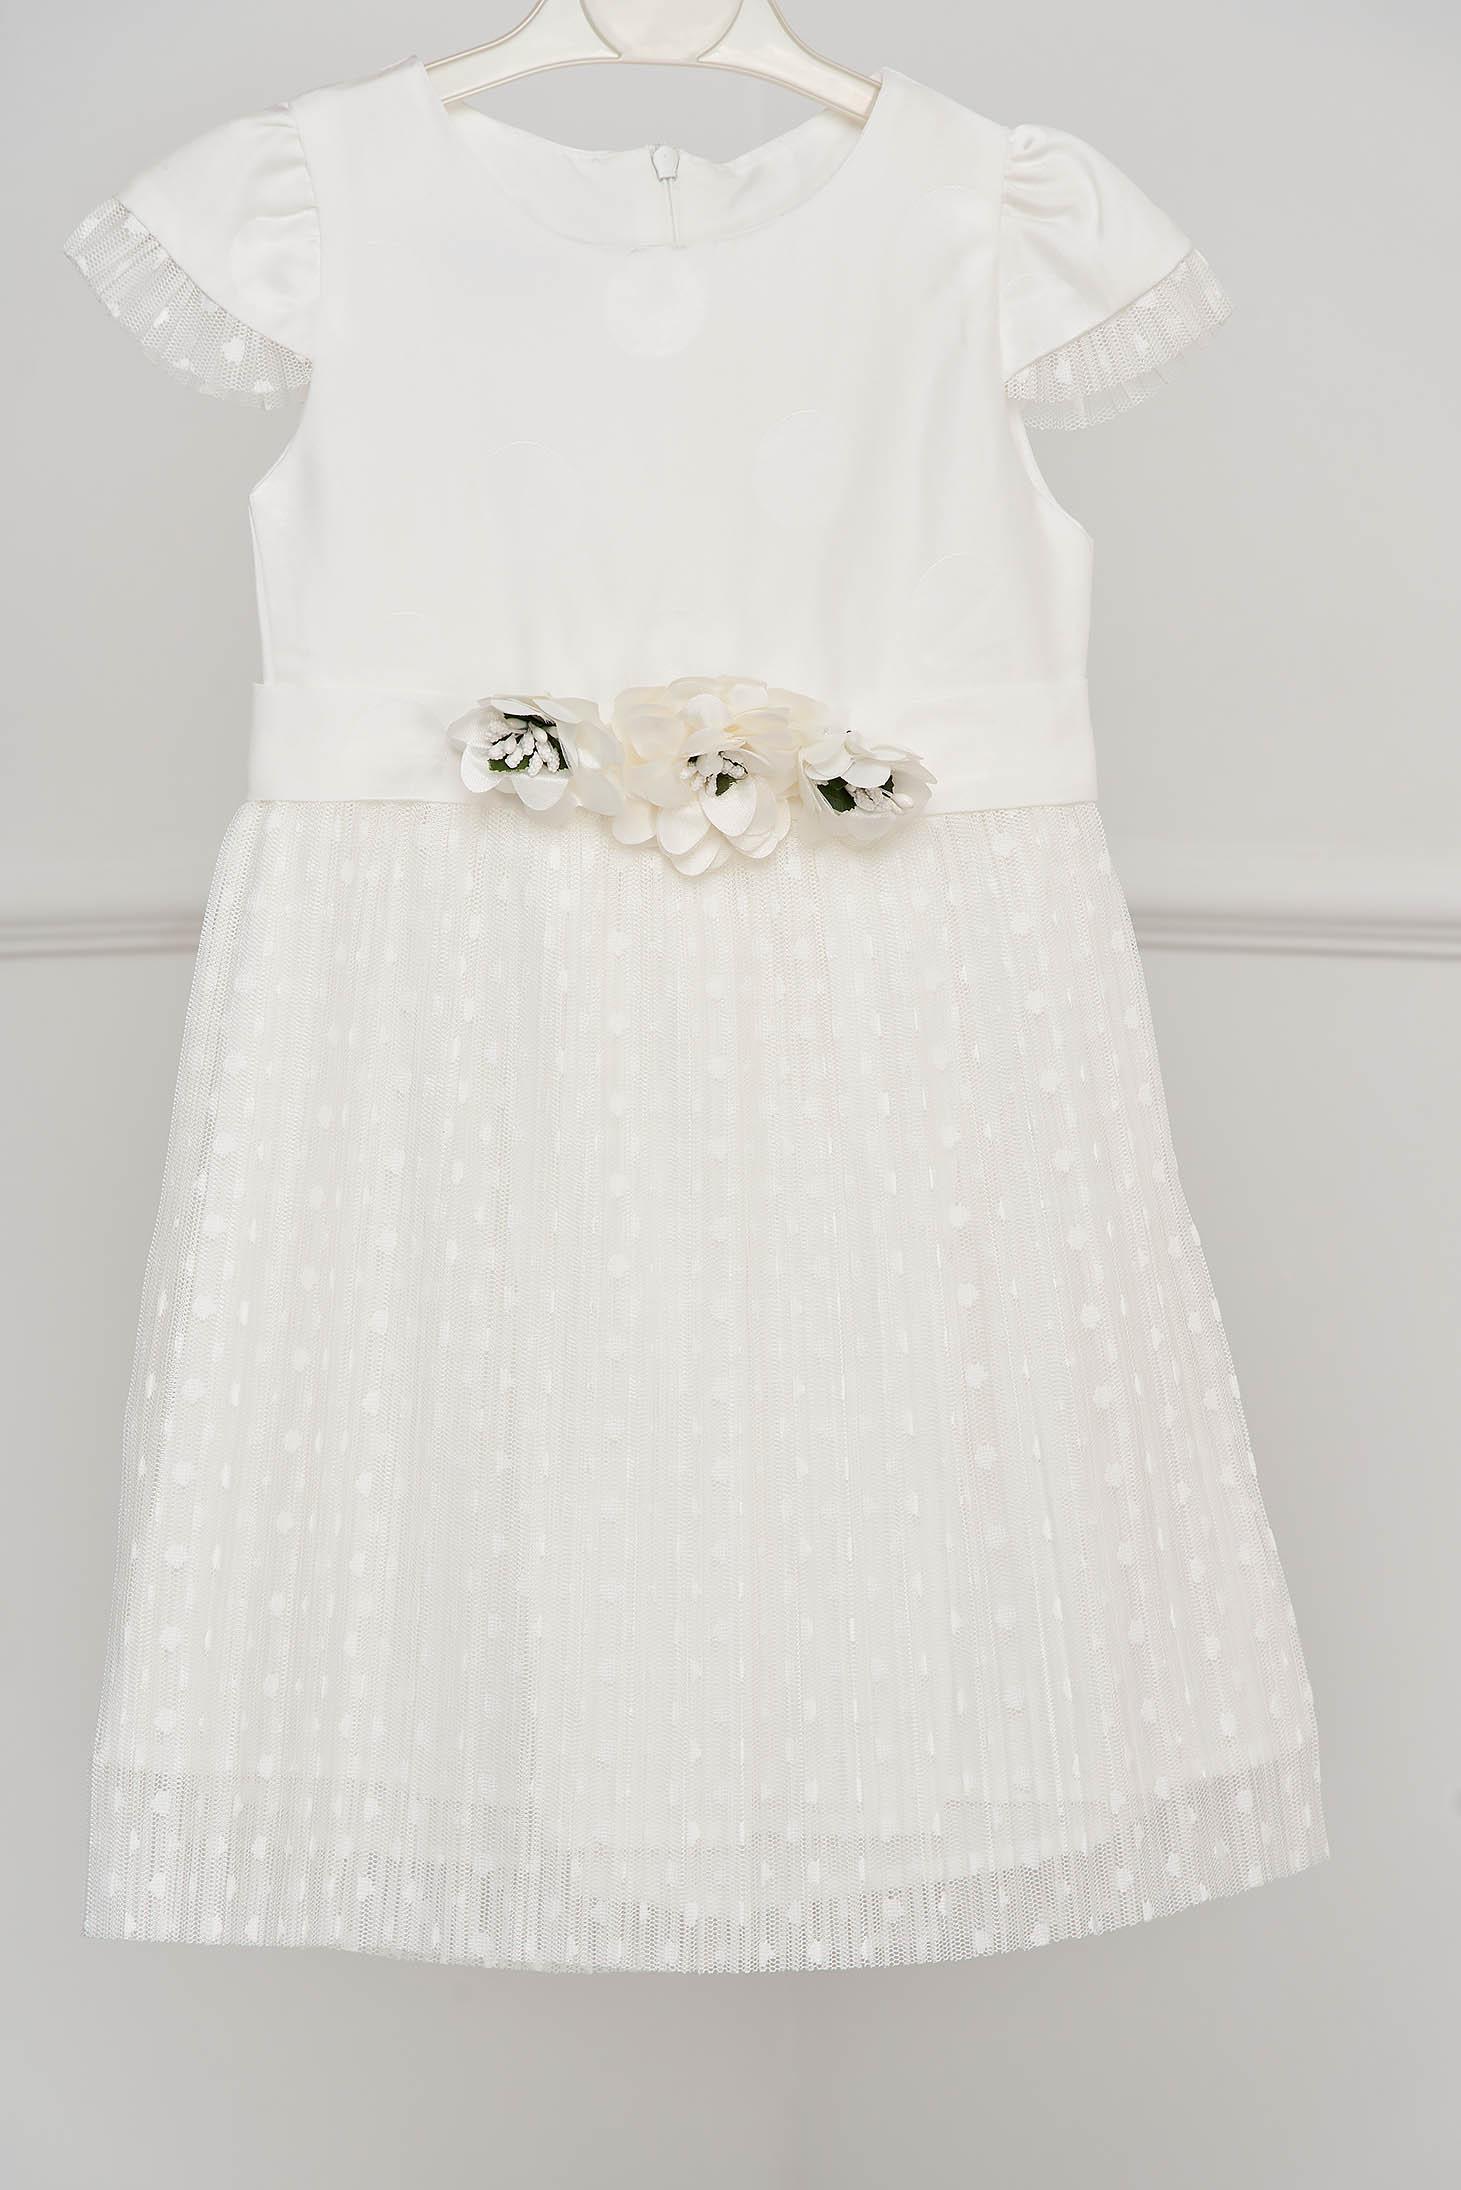 Rochie pentru fetite alba de ocazie in clos din dantela plisata accesorizata cu brose si fundita